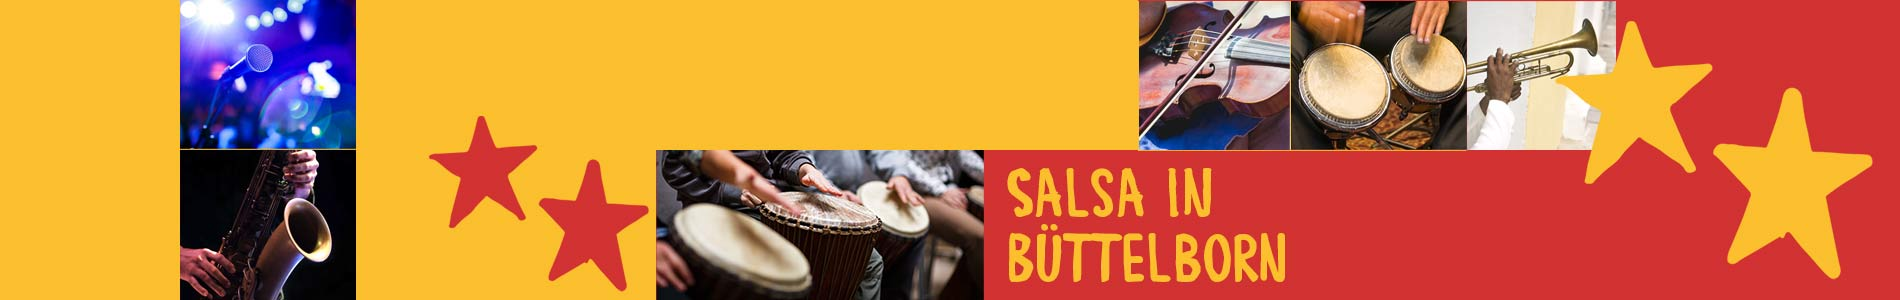 Salsa in Büttelborn – Salsa lernen und tanzen, Tanzkurse, Partys, Veranstaltungen